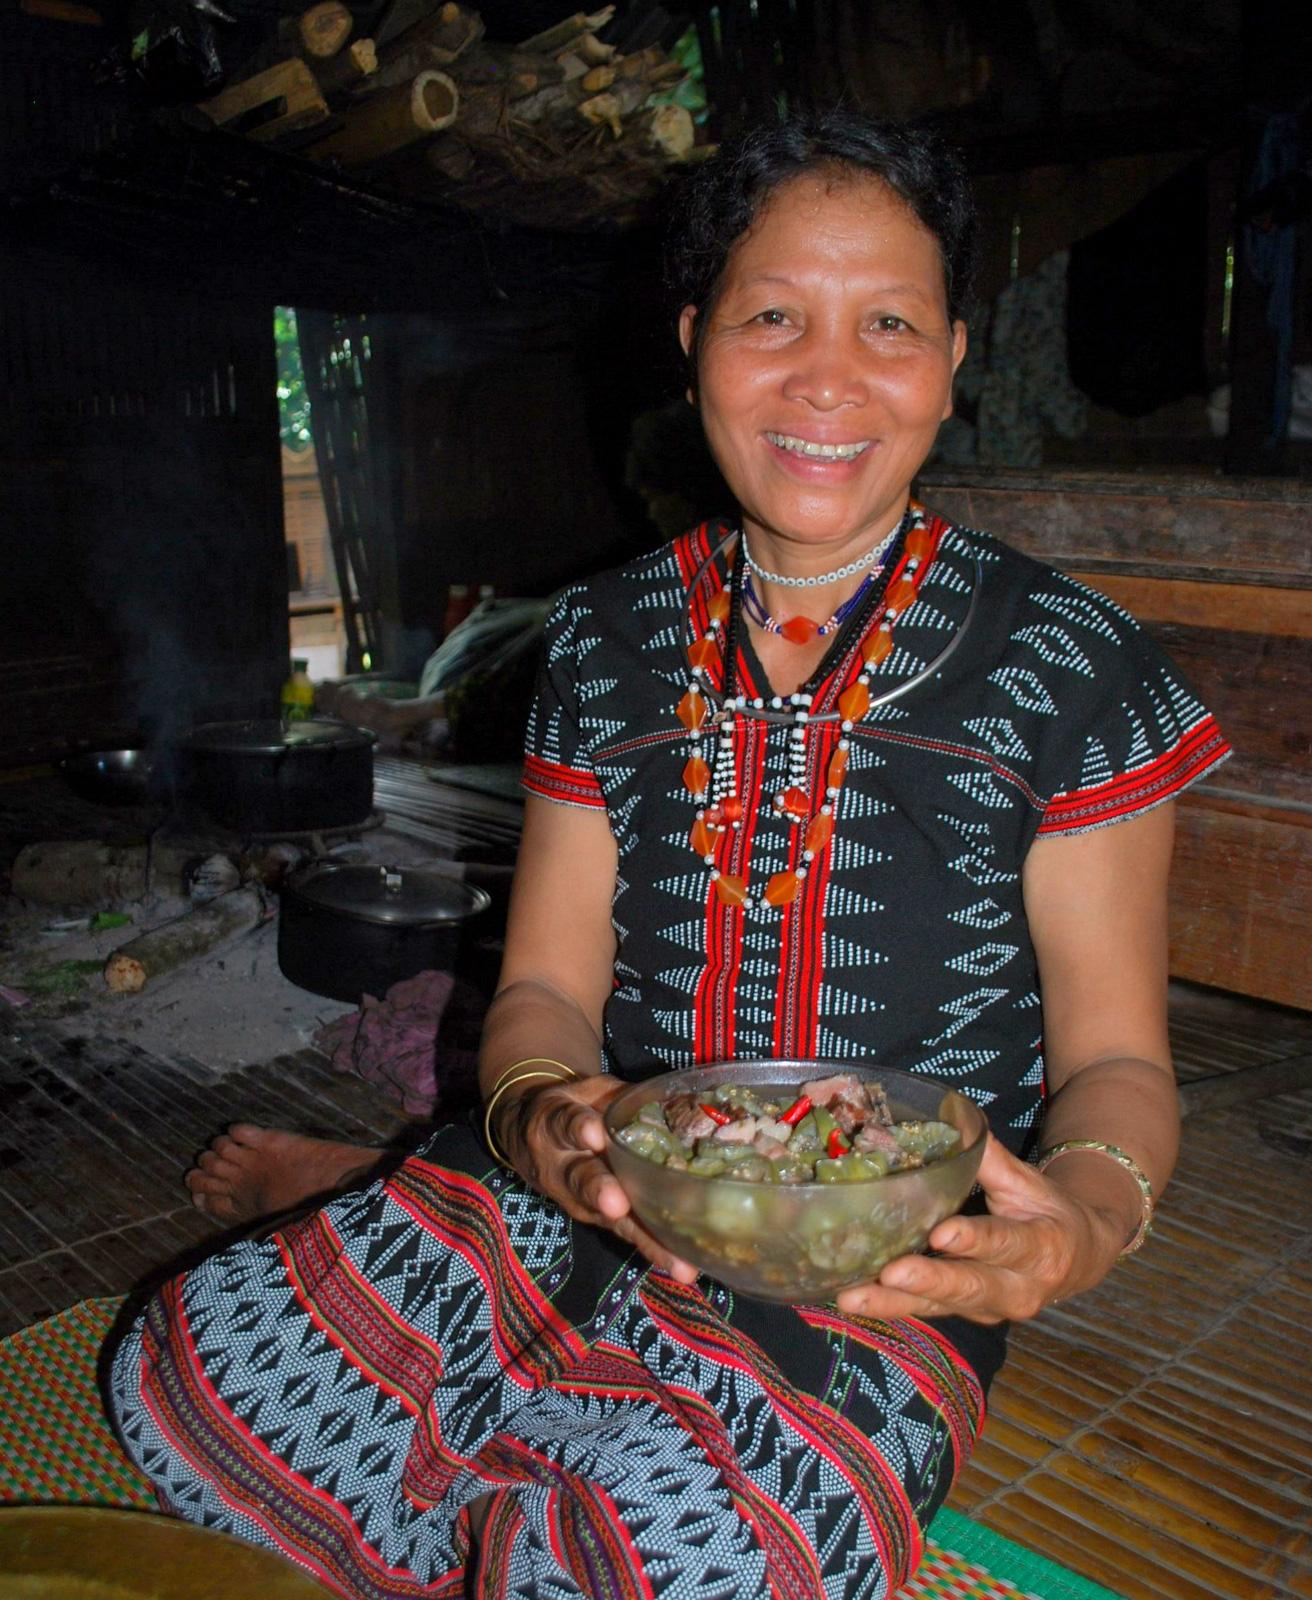 Kể chuyện làng: Lên Trường Sơn ăn món cà đắng của người Cơ Tu - Ảnh 3.